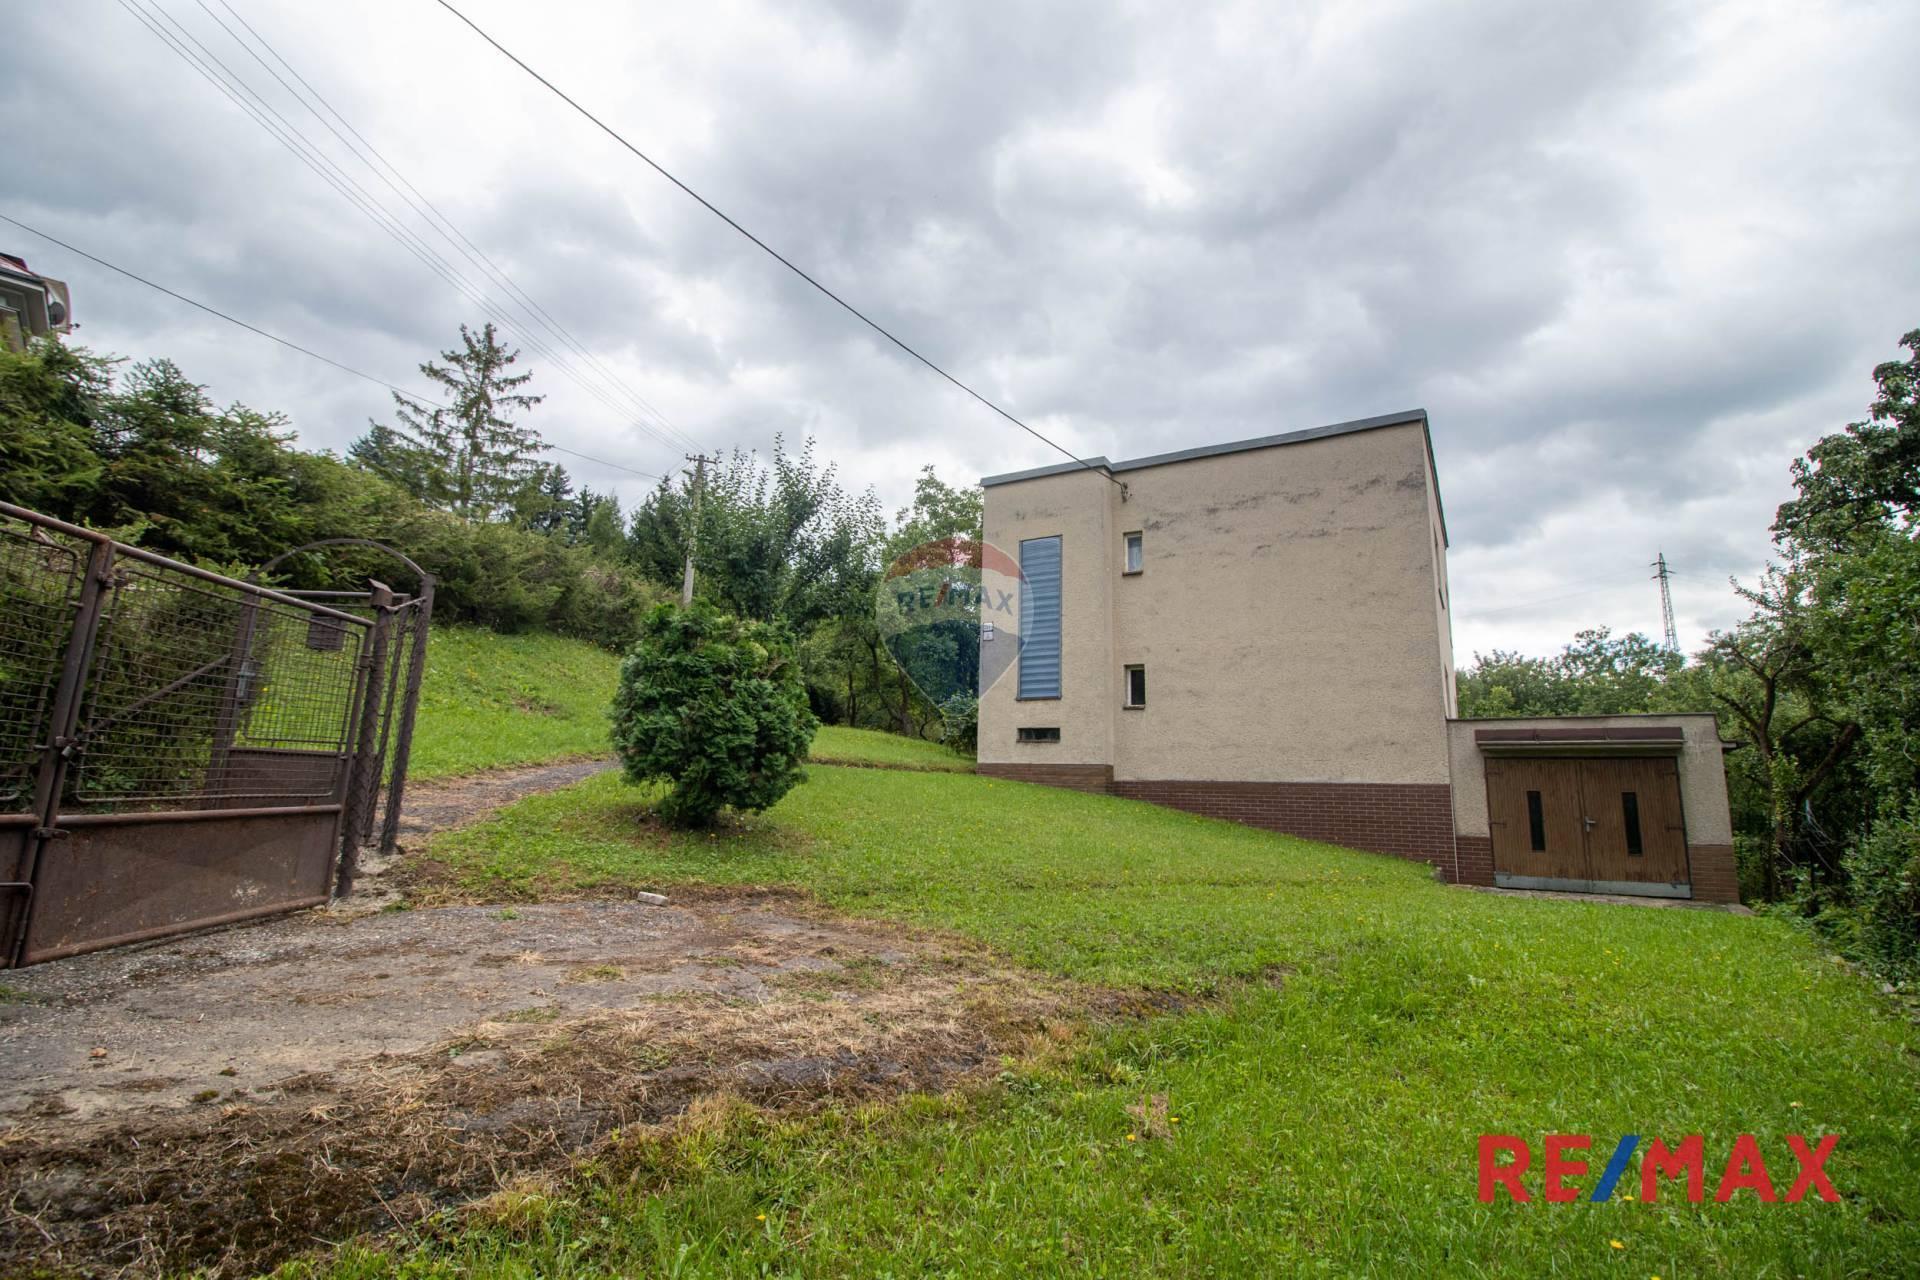 Predaj domu 210 m2, Banská Bystrica - Exkluzívne na predaj rodinný dom v Sásovej